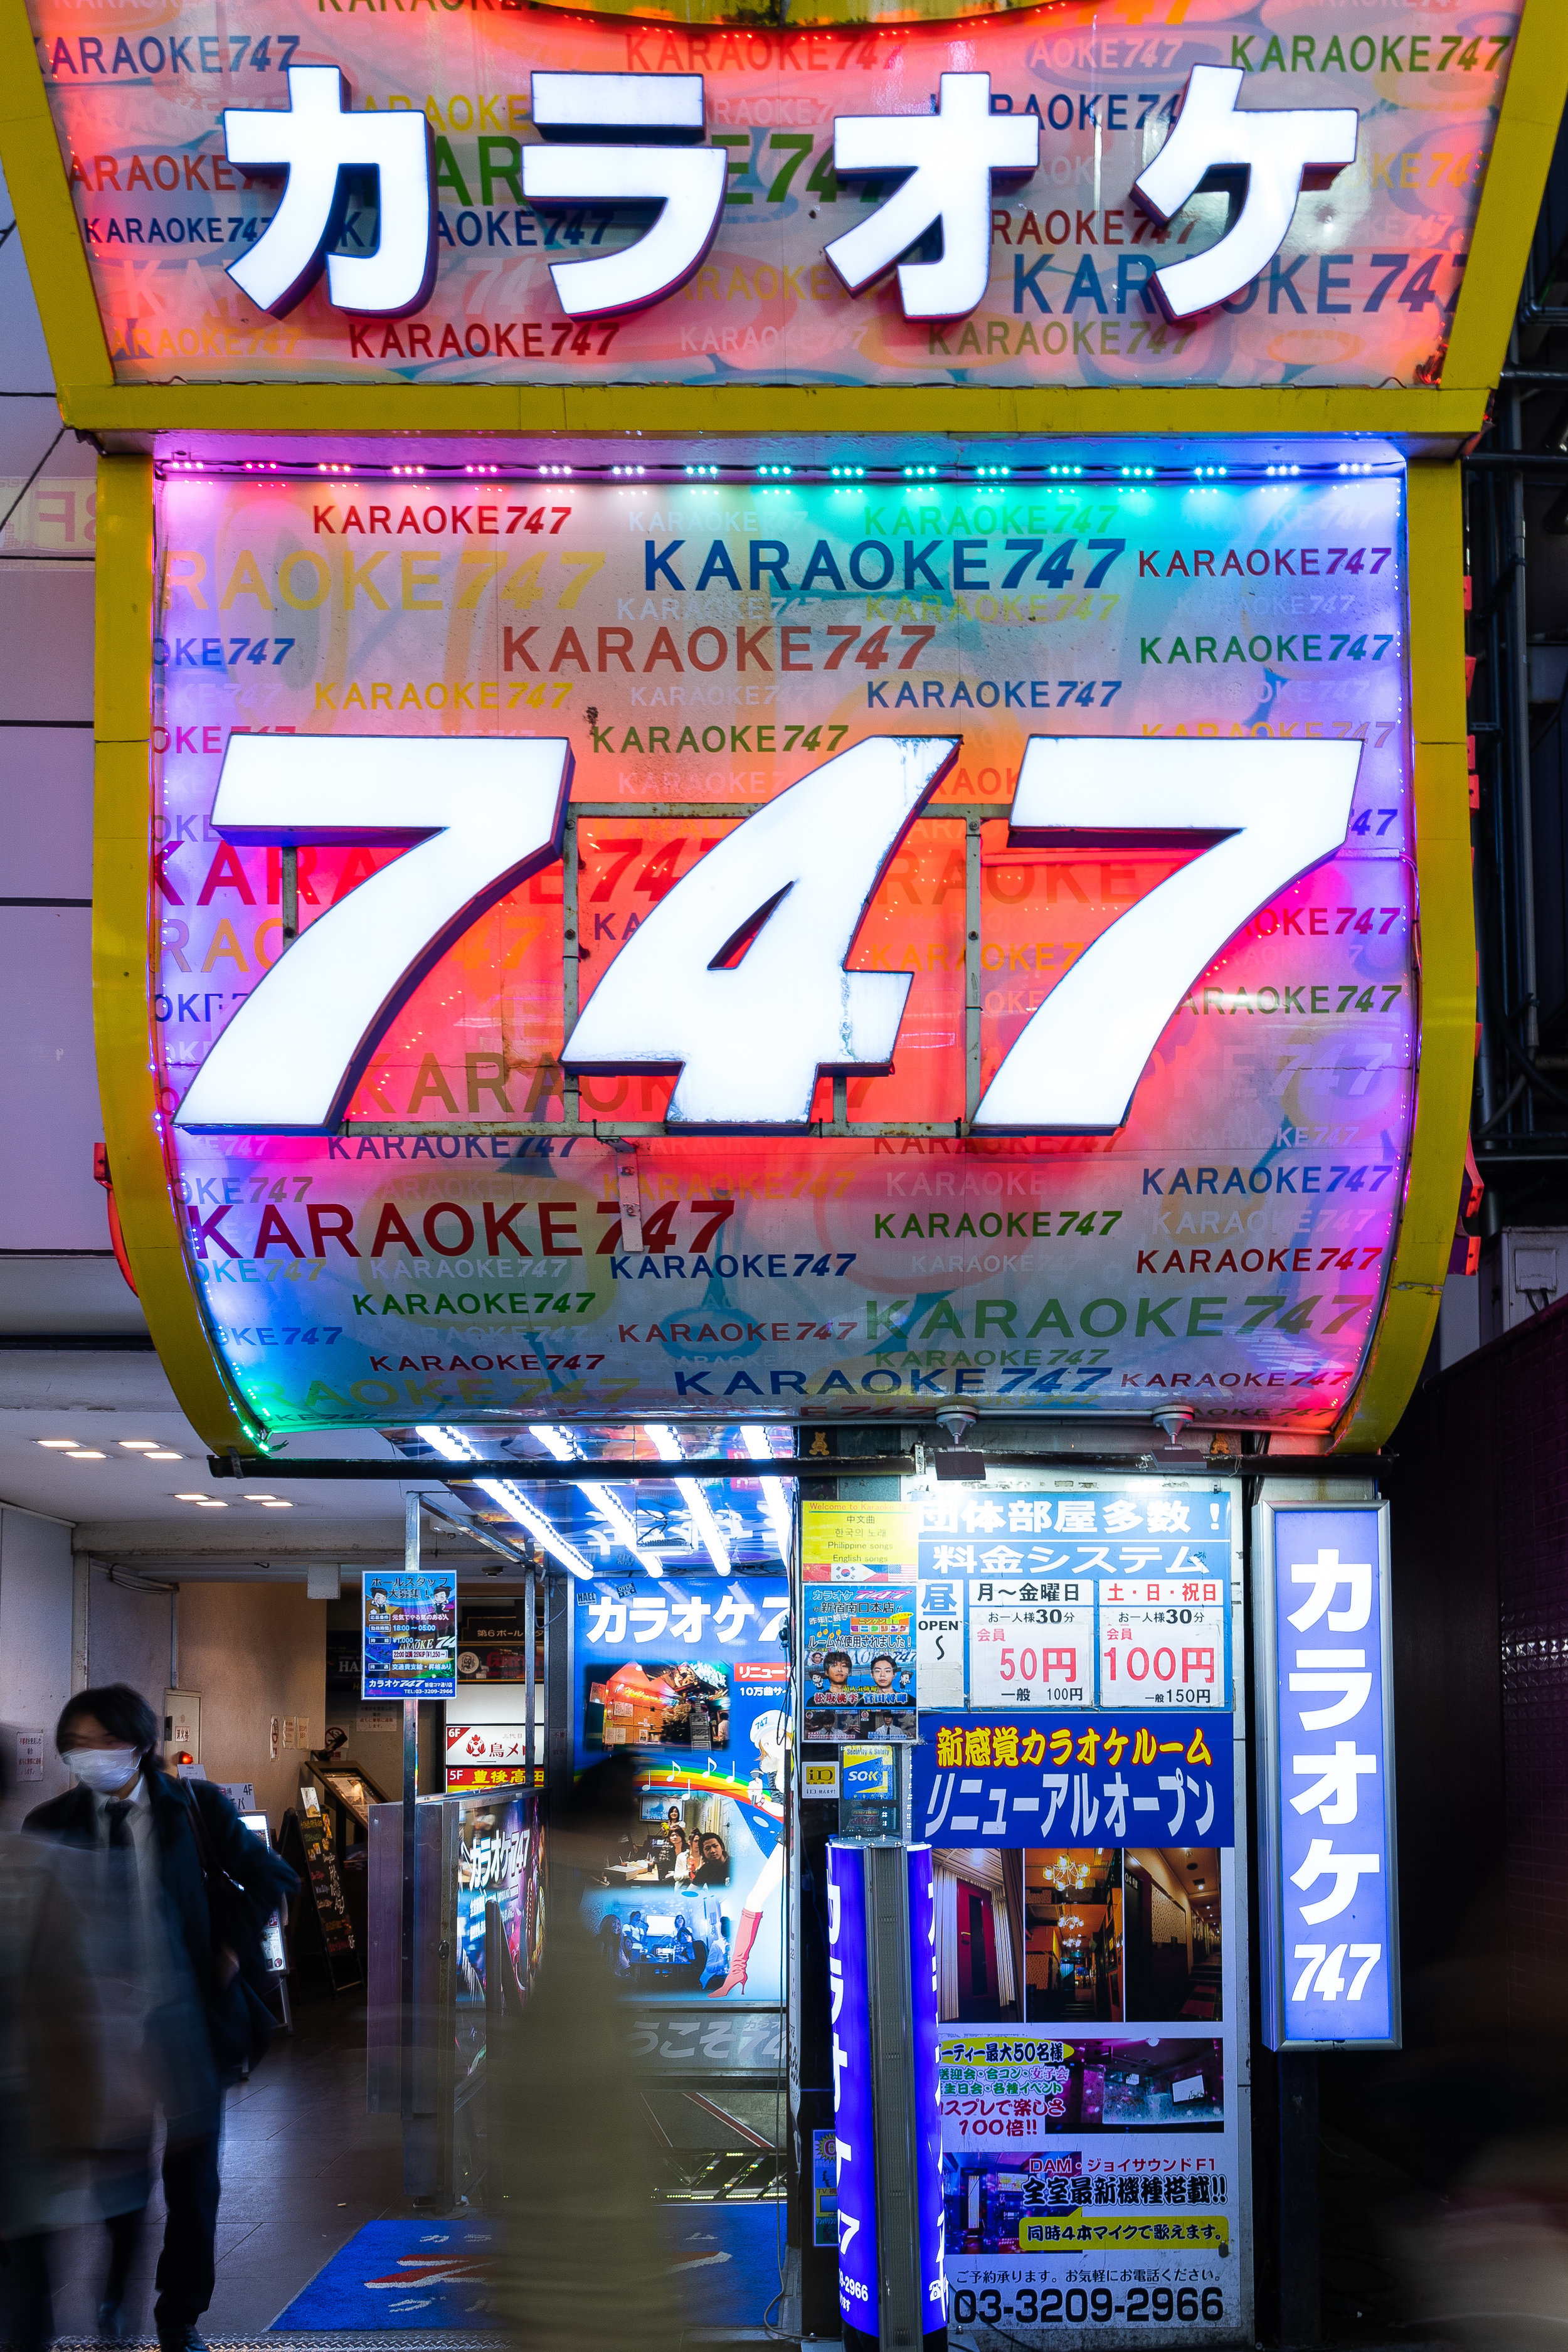 karaoke 747 shinjuku.jpg